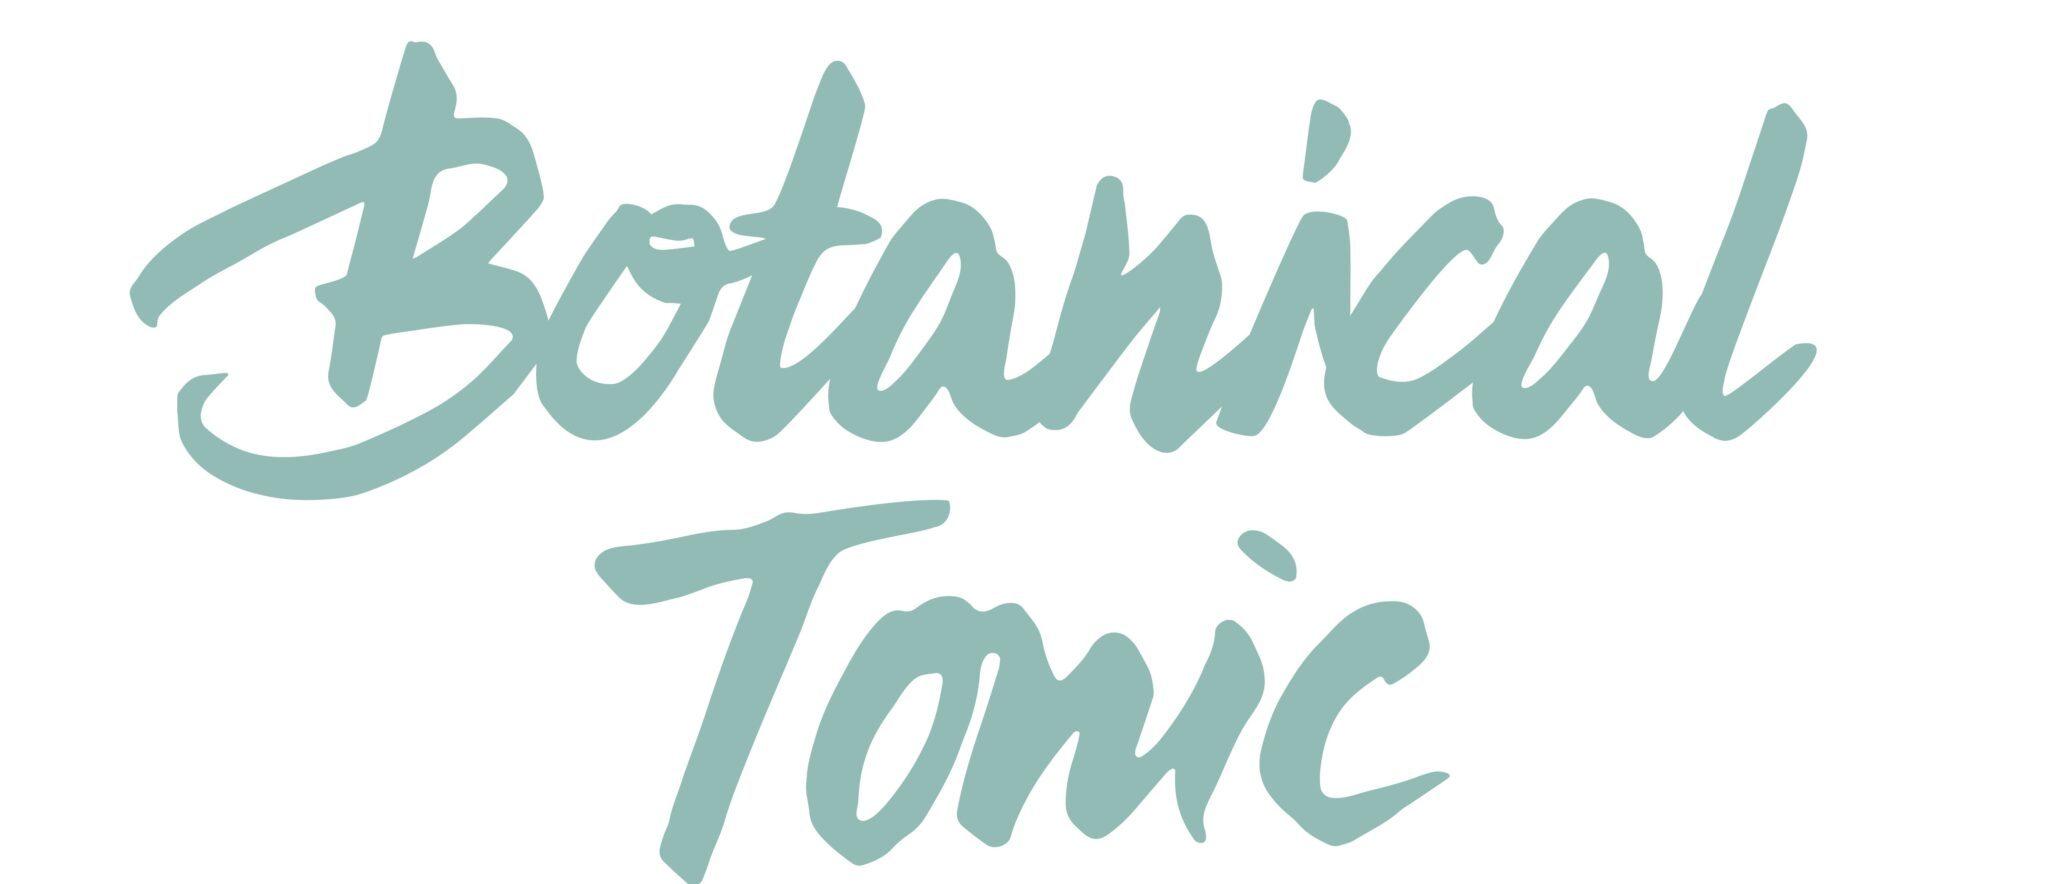 botanical tonic schriftzug 2